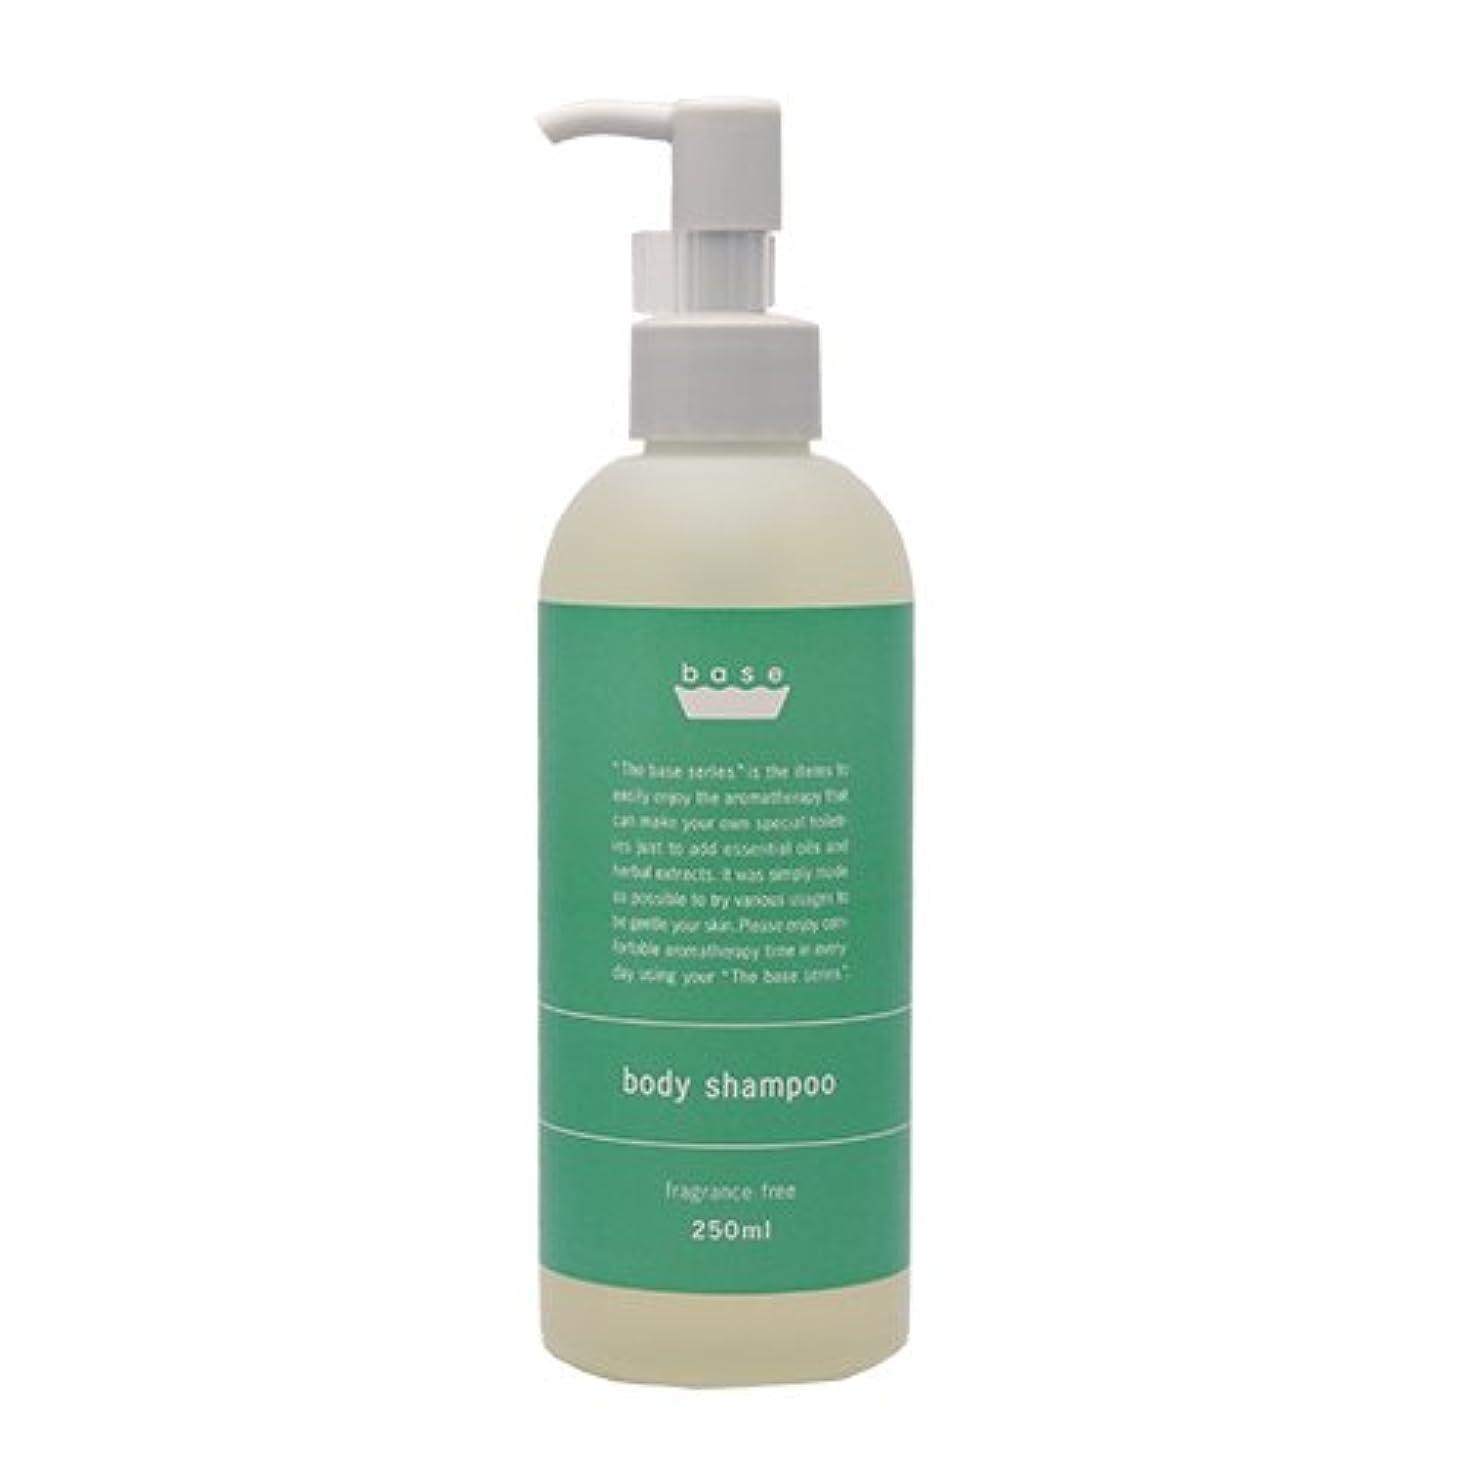 仲間、同僚現実破壊的なフレーバーライフ base body shampoo(ボディーシャンプー)250ml